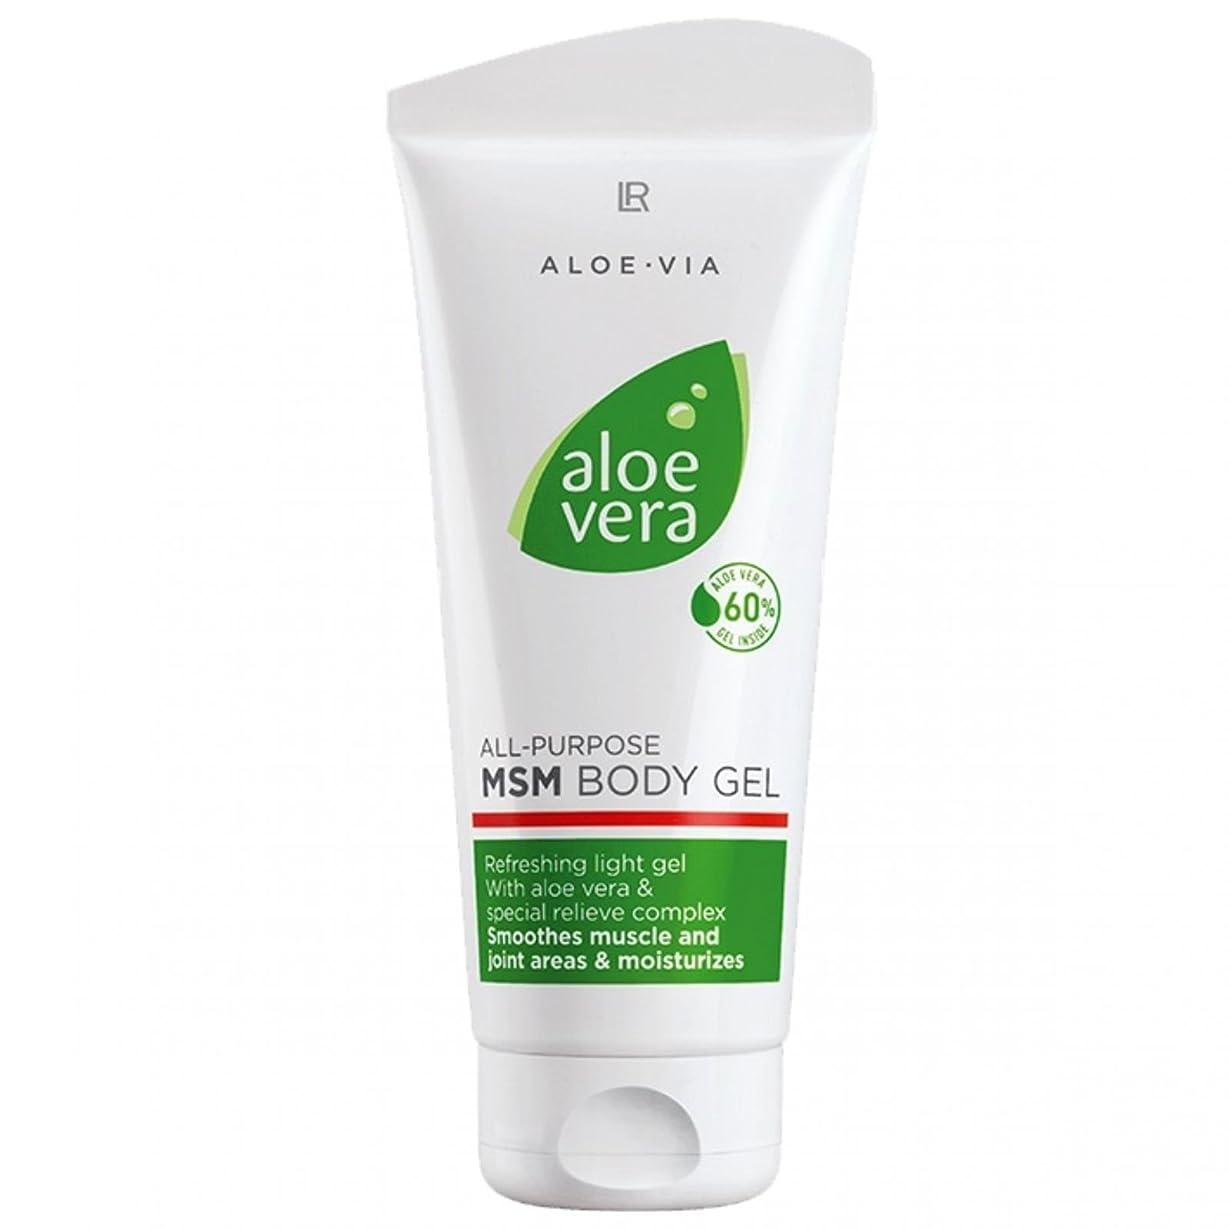 枯渇するオーナー勢いL R アロエベラMSMボディジェル美容や化粧品、滑らかな、迅速な吸収ゲル%60アロエベラ200ミリリットル